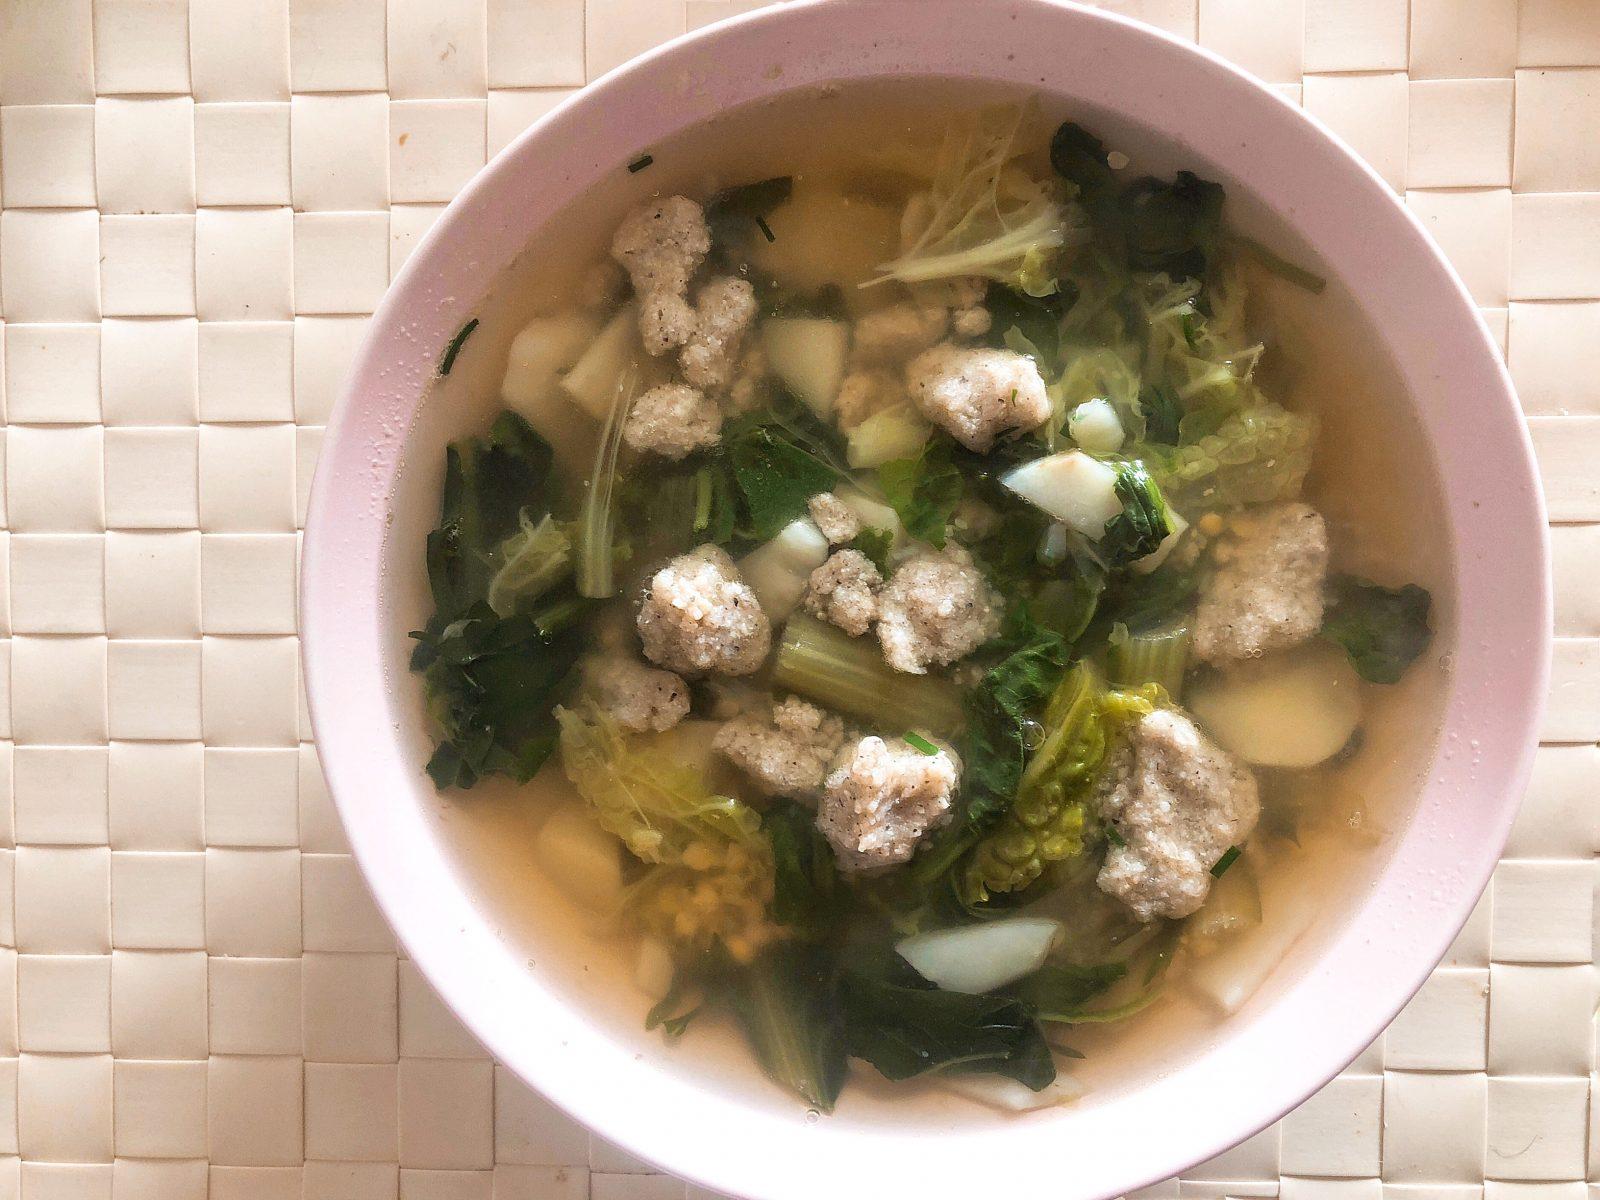 Winter minestrone soup recipe La Cucina Italiana magazine